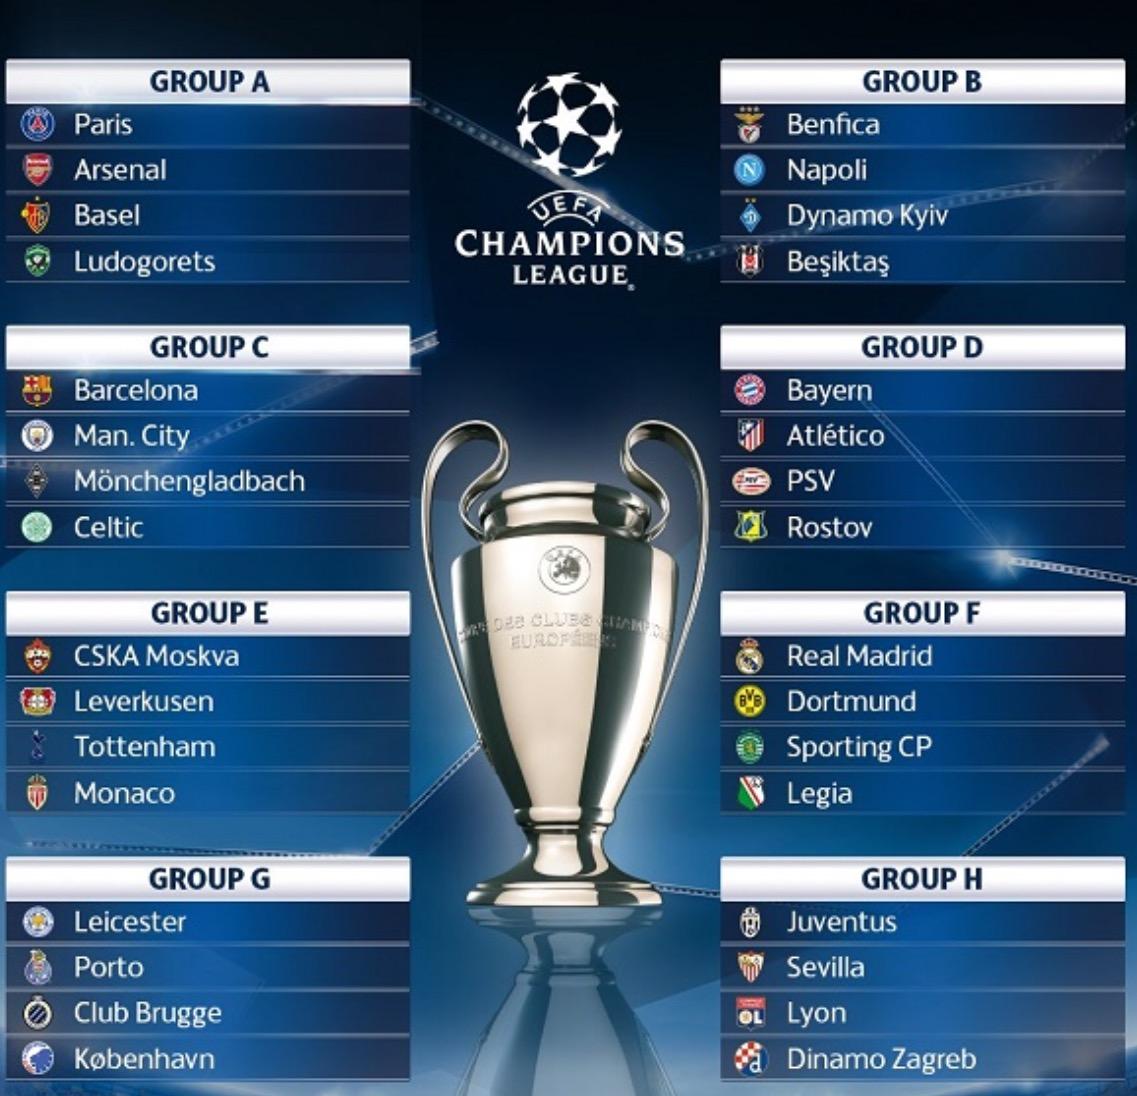 Calendario Psg.Calendario Clasificacion Y Grupos Uefa Blog De Apuestas